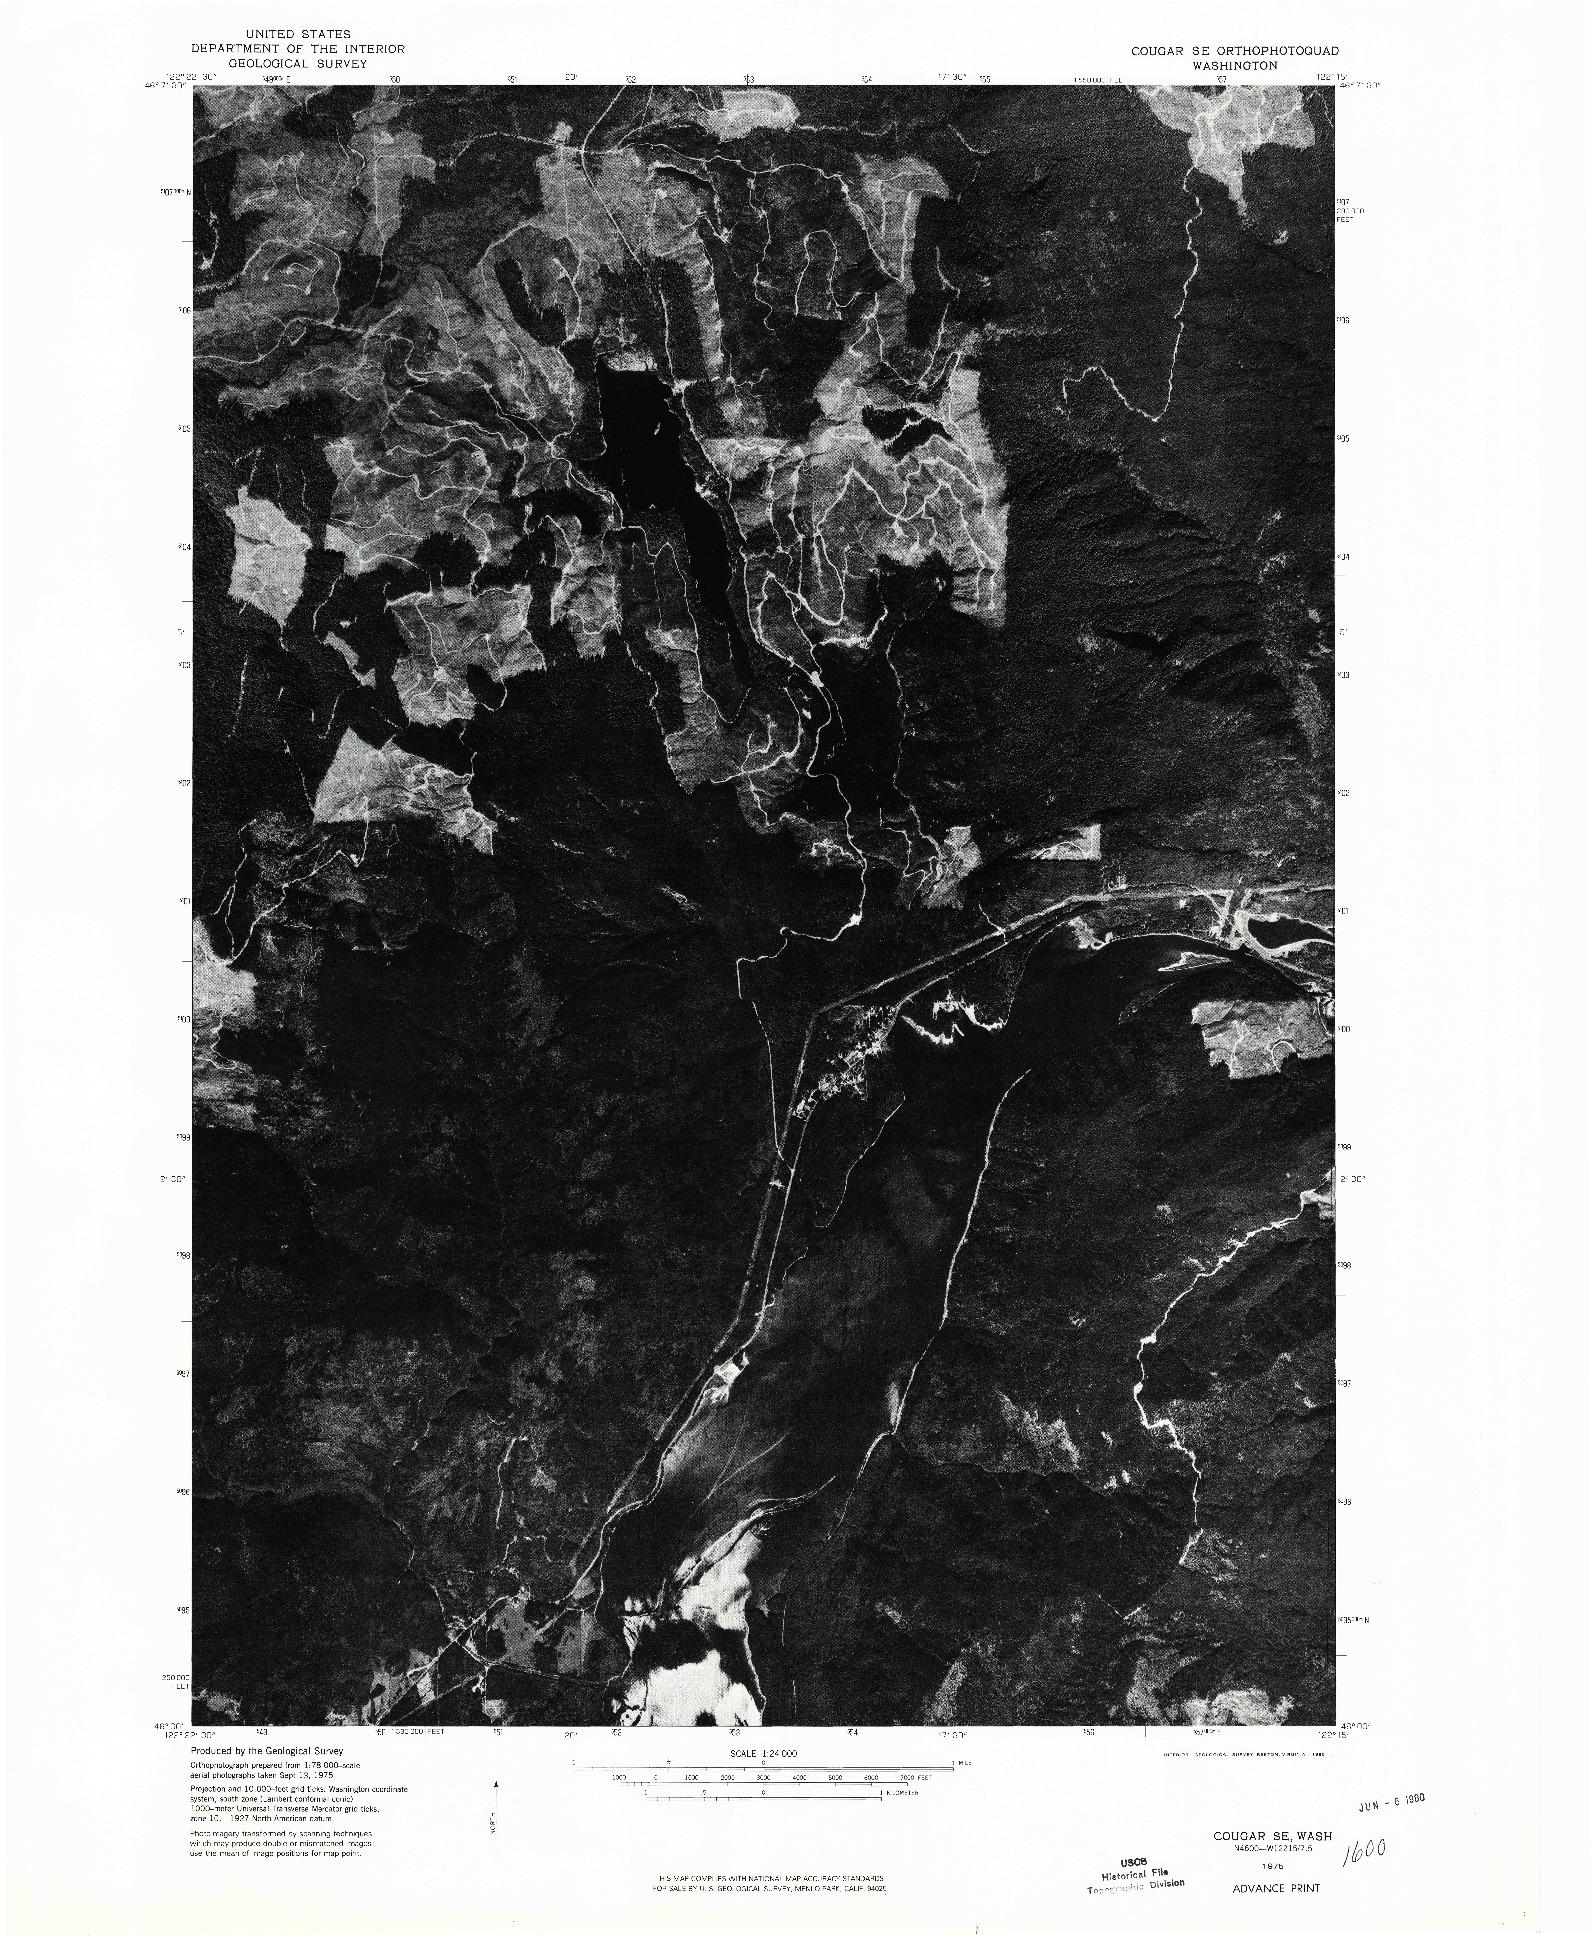 USGS 1:24000-SCALE QUADRANGLE FOR COUGAR SE, WA 1975